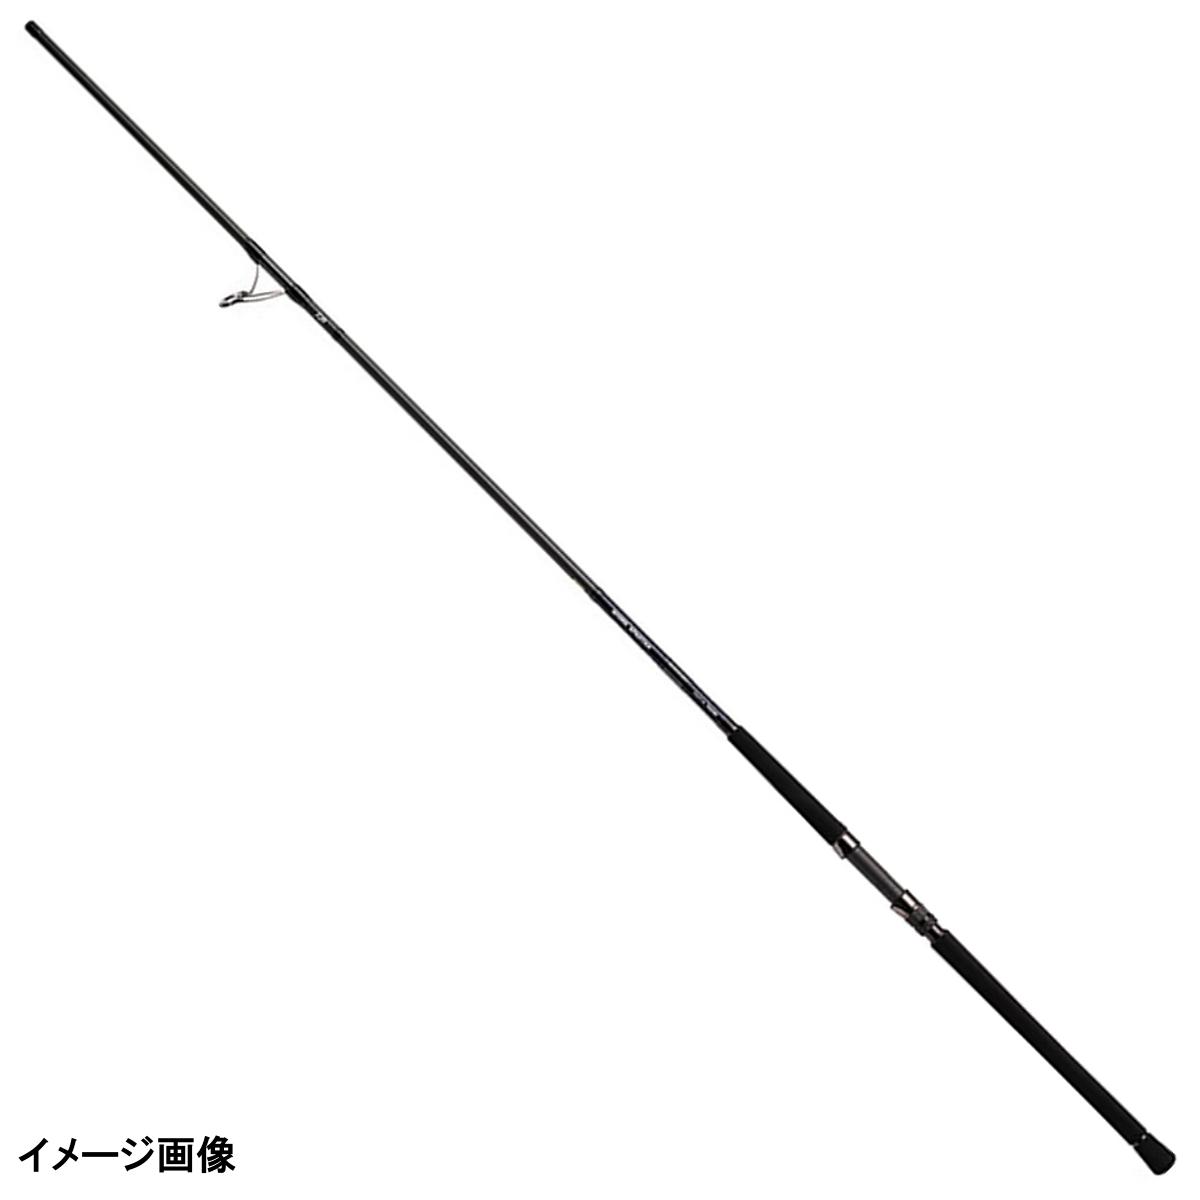 ダイワ ショアスパルタン コースタル 100H【大型商品】